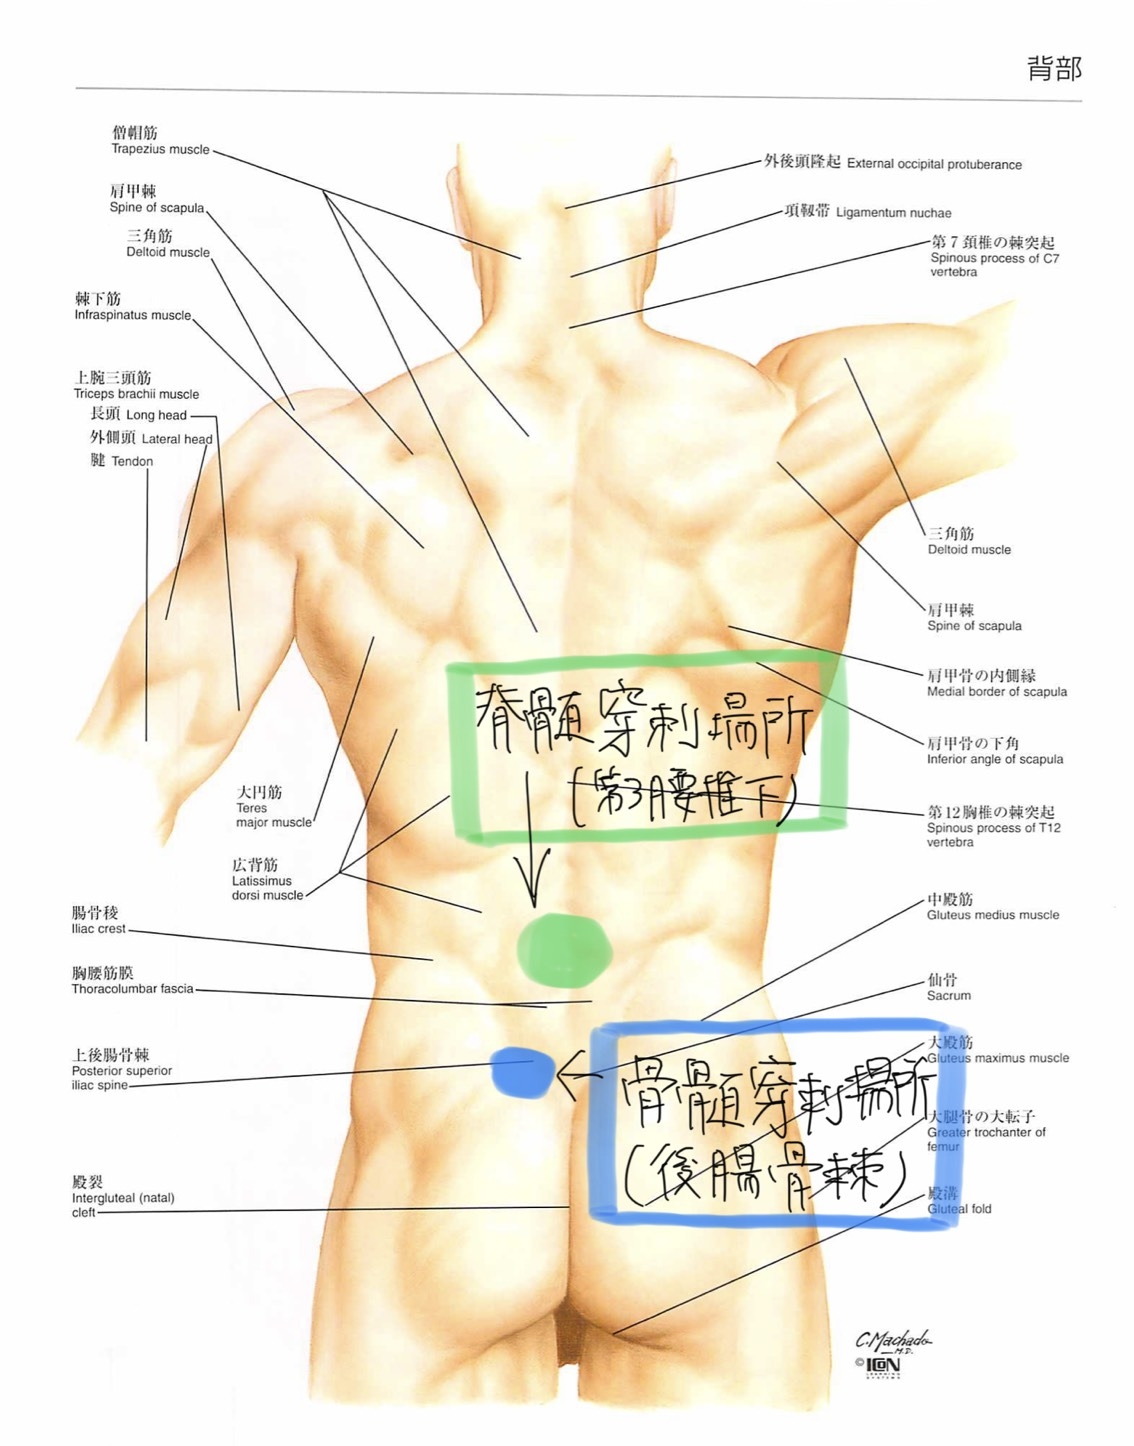 骨髄穿刺と脊髄穿刺の穿刺場所の違い